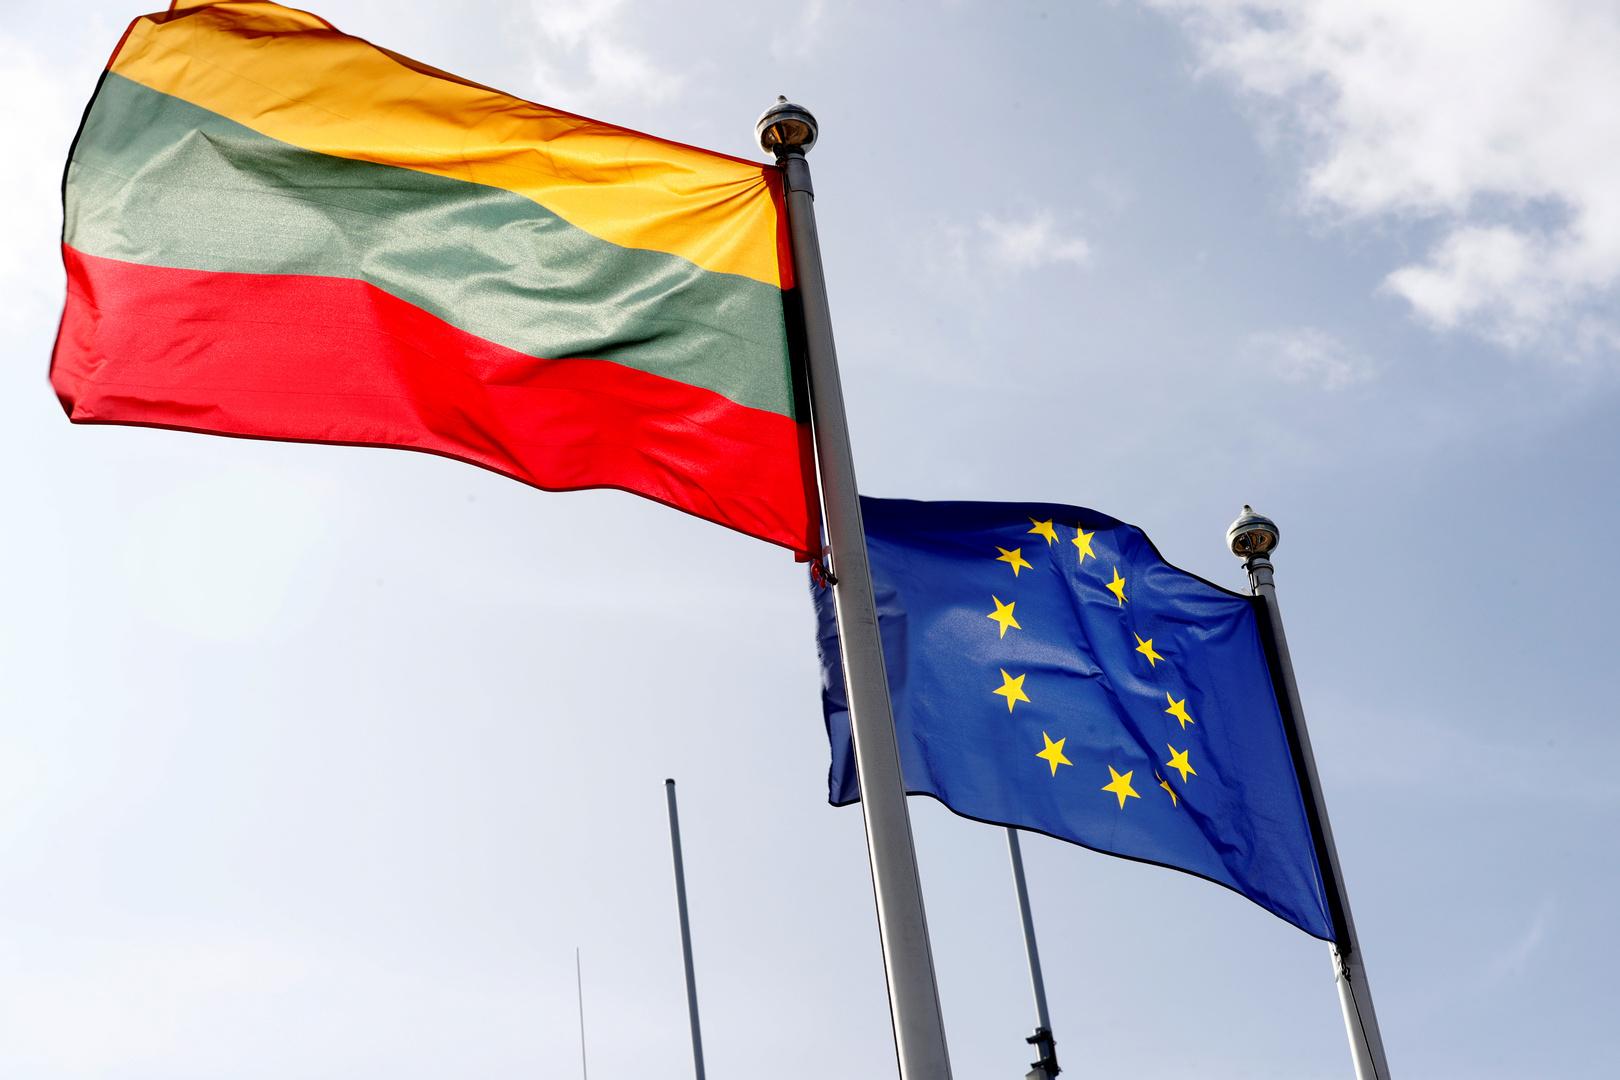 متحدث أوروبي: جهود دبلوماسية مع العراق لإعادة مهاجريه غير النظاميين من ليتوانيا